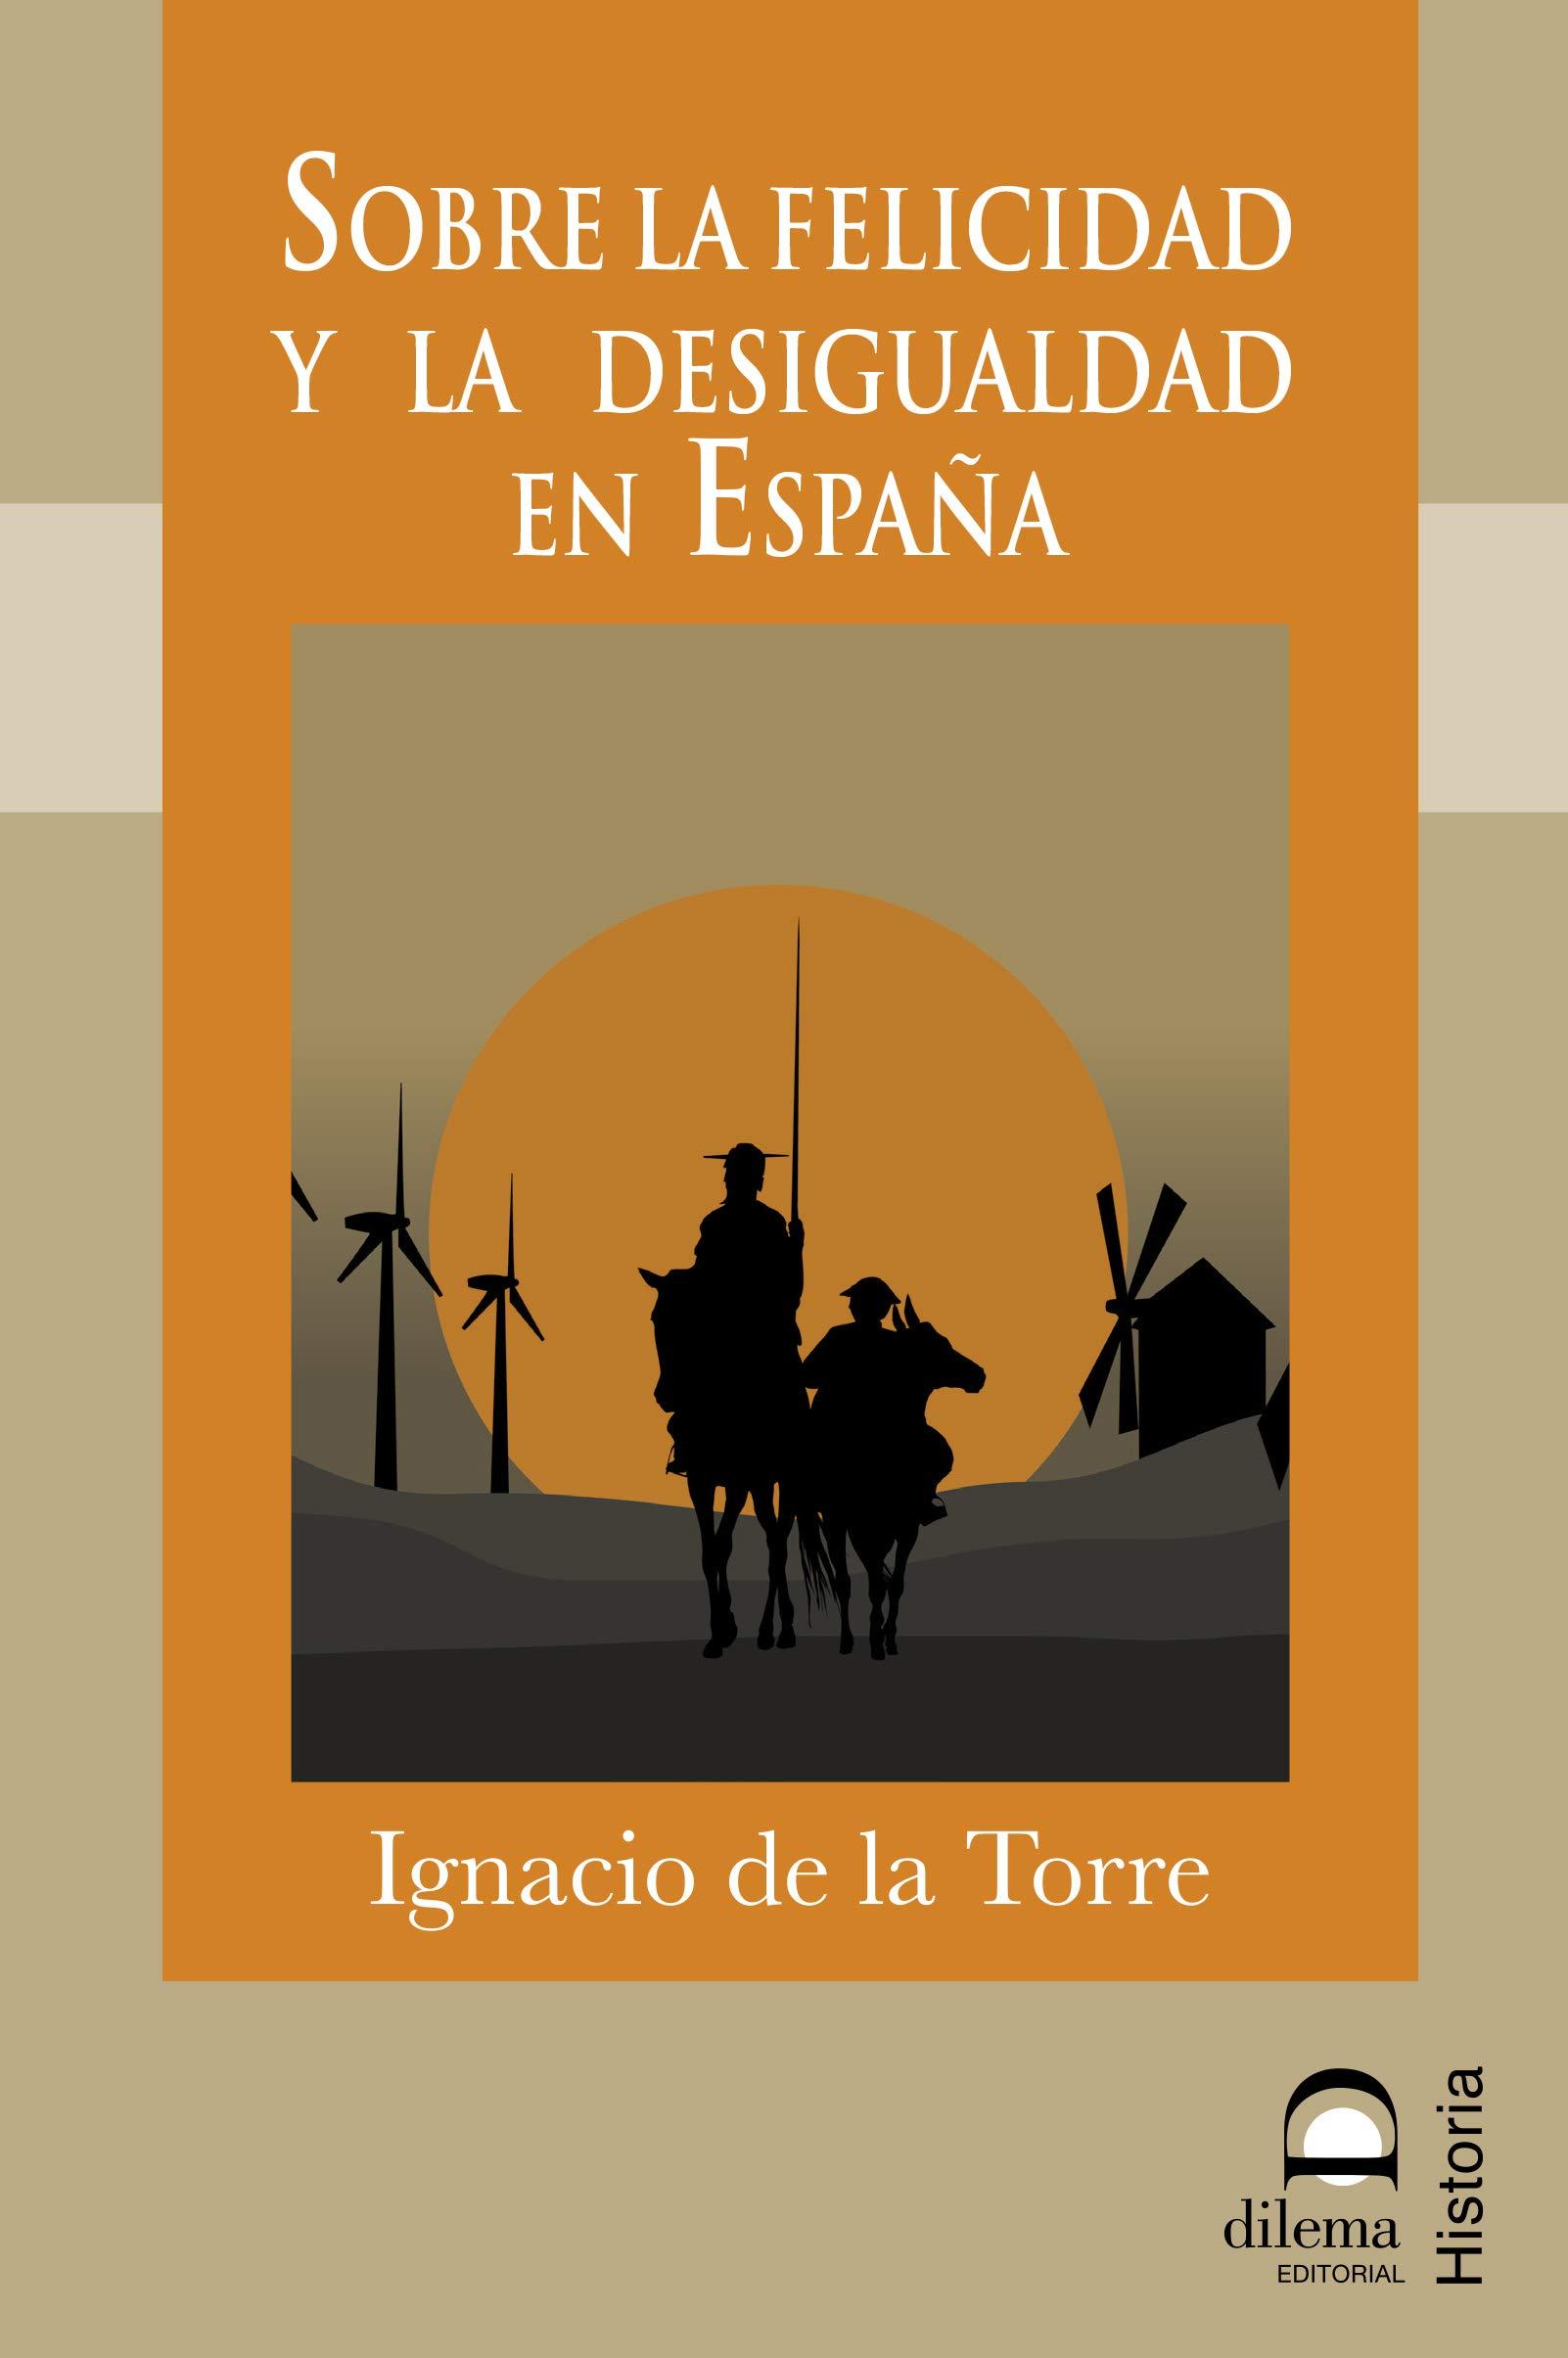 SOBRE LA FELICIDAD Y LA DESIGUALDAD EN ESPAÑA: Amazon.es: de la Torre Muñoz de Morales, Ignacio: Libros